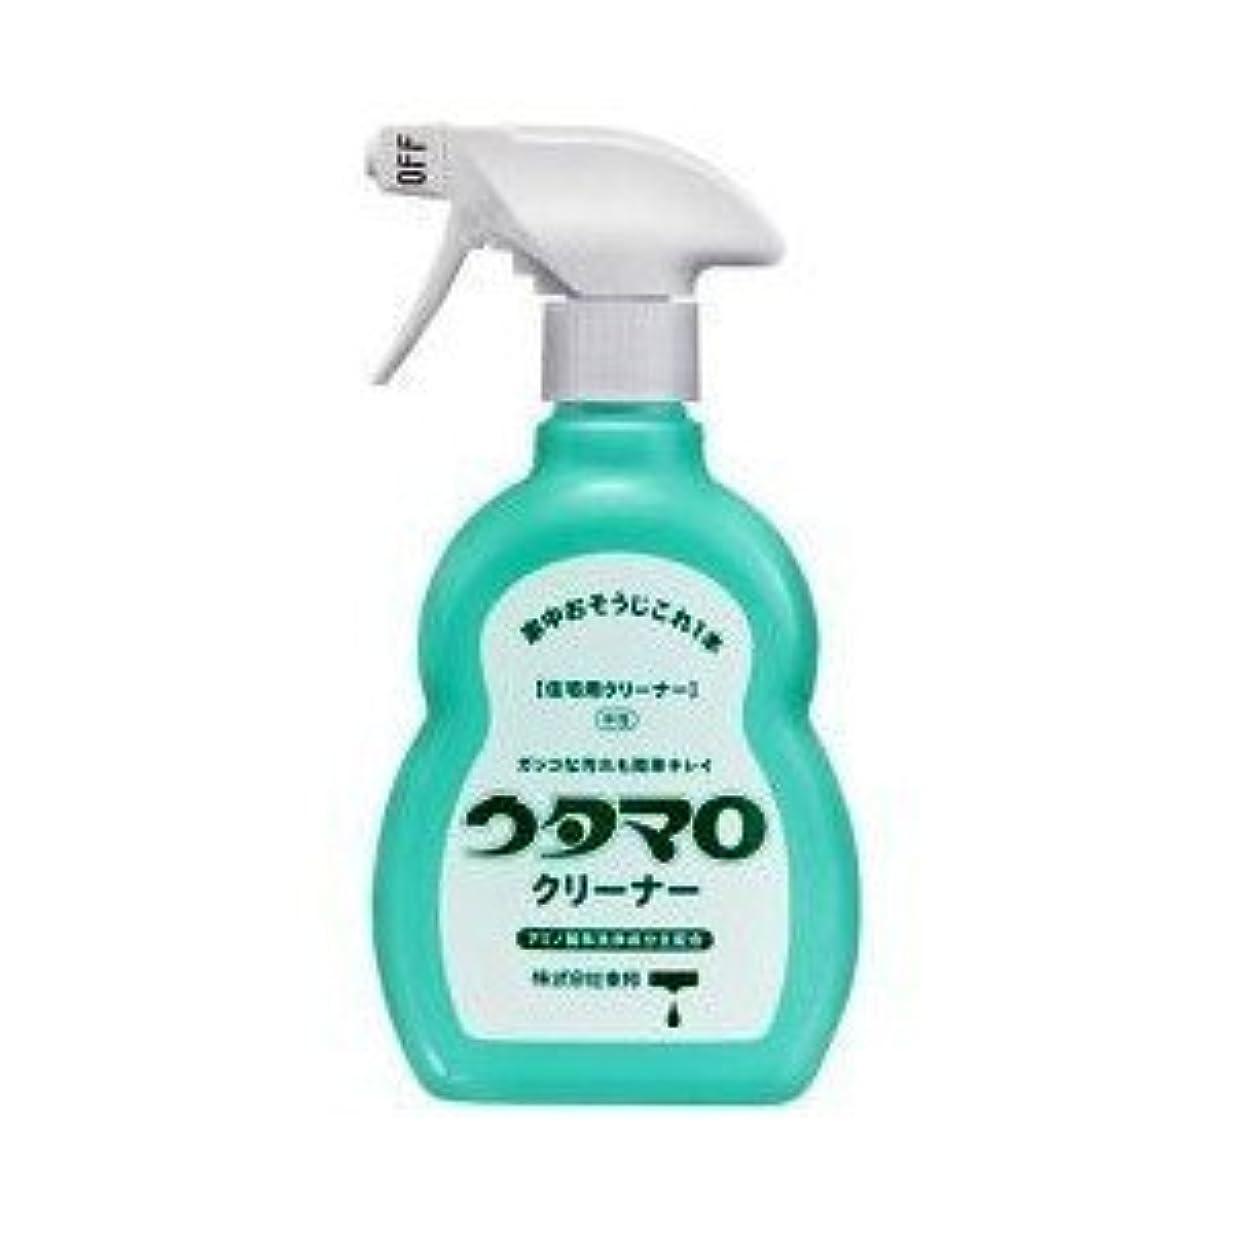 追い払う修理可能採用するウタマロ クリーナー 400ml 洗剤 住居用 アミノ酸系洗浄成分主配合 さわやかなグリーンハーブの香り